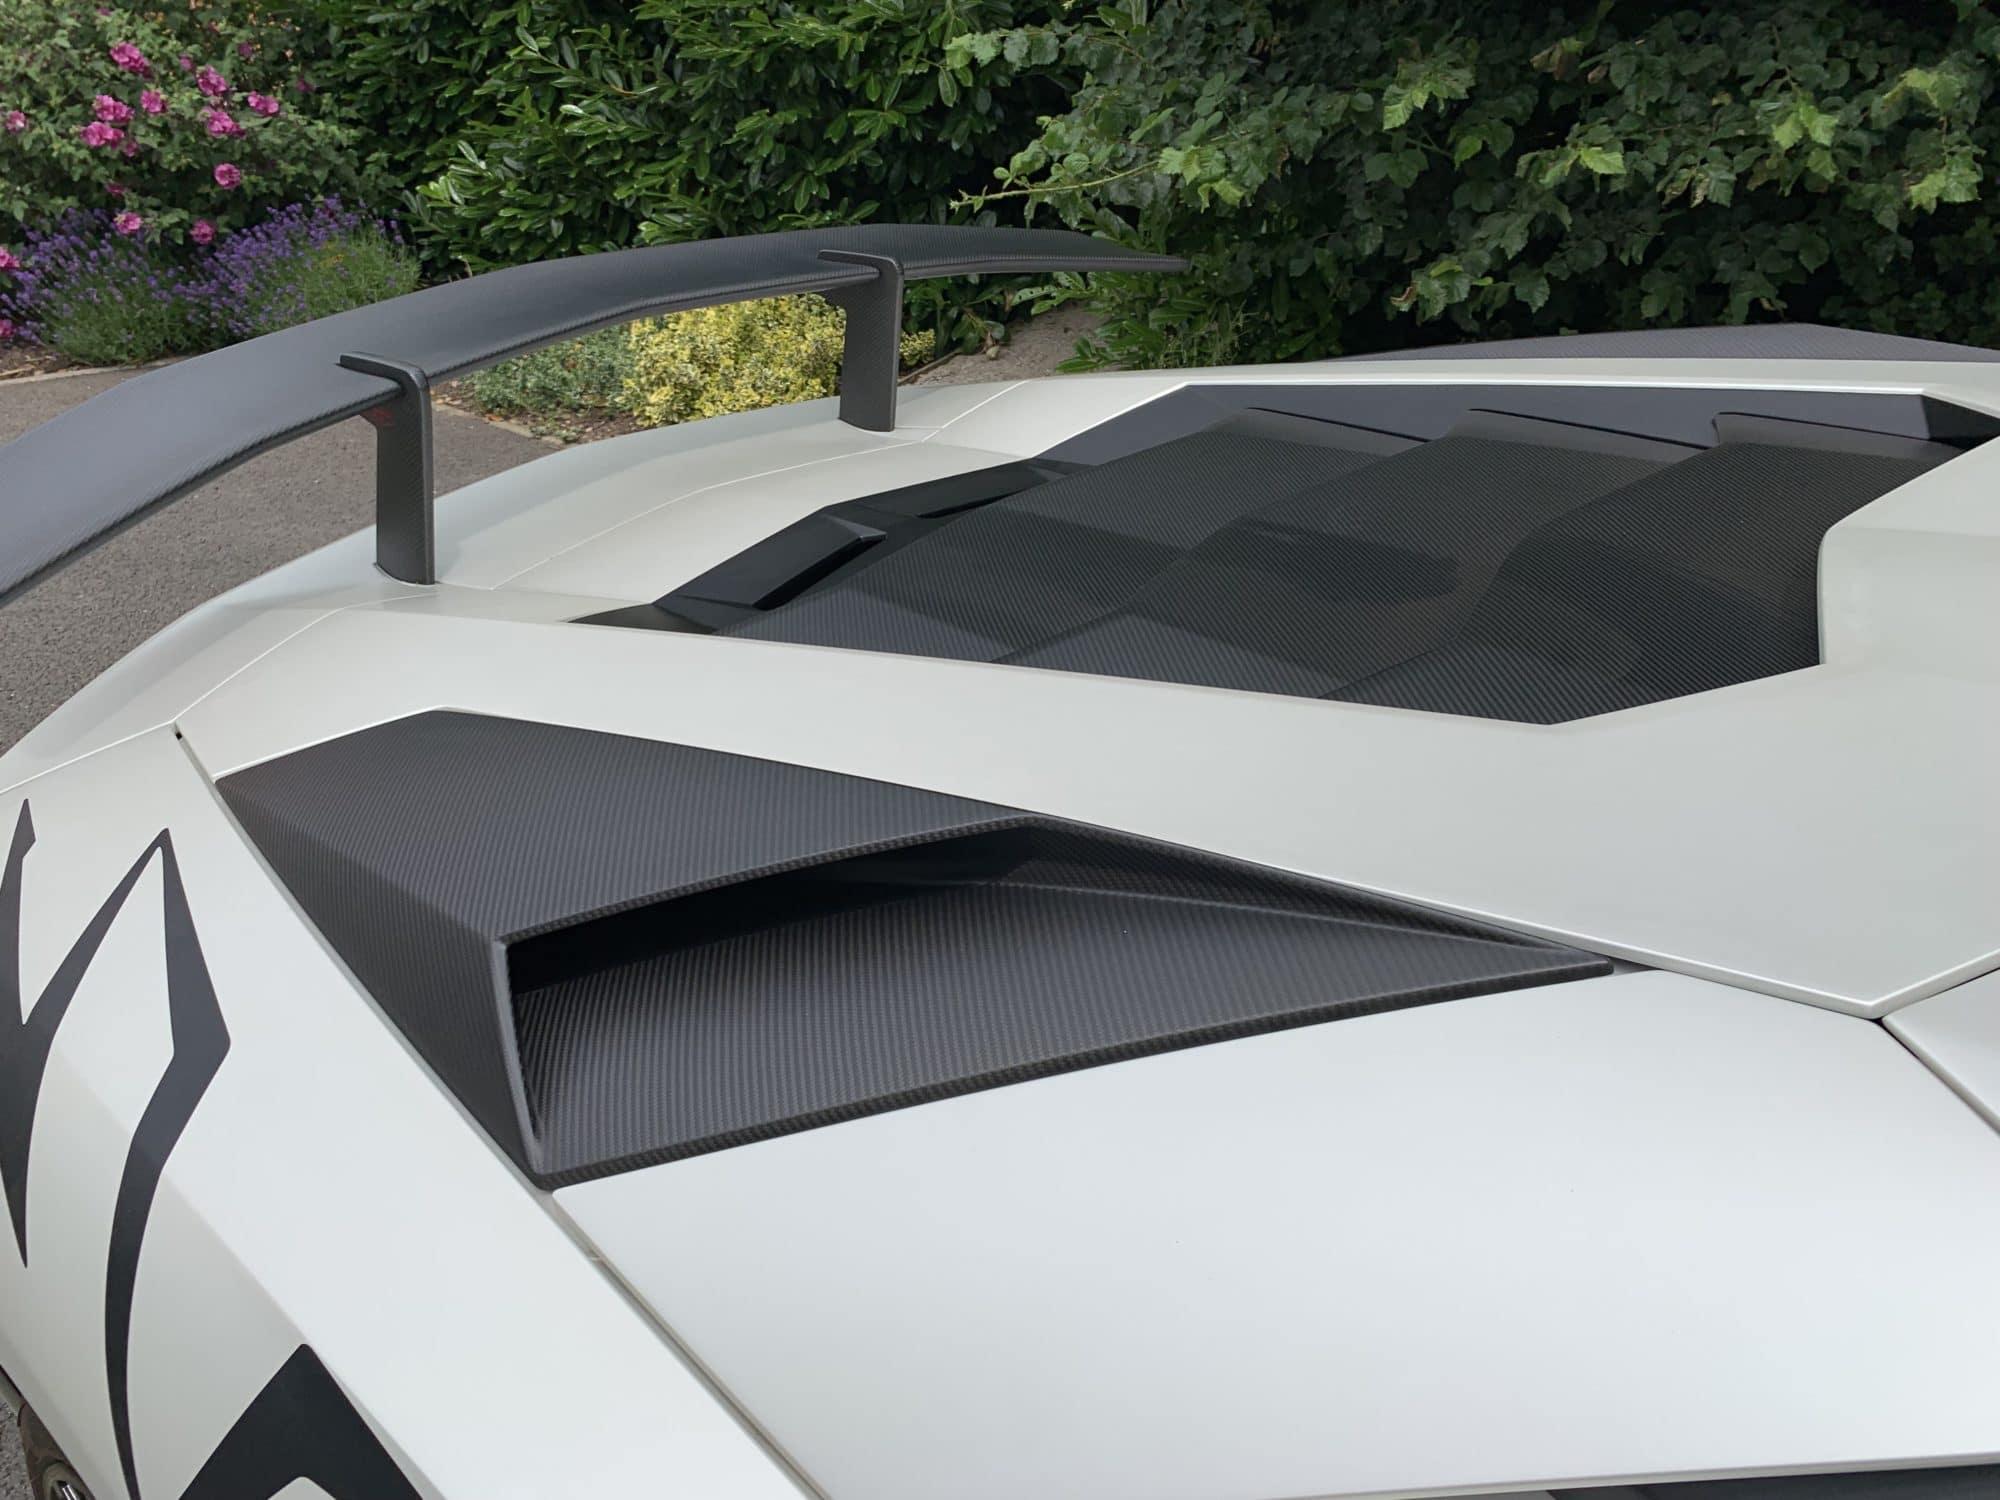 Lamborghini Aventador LP750-4 Superveloce 2016